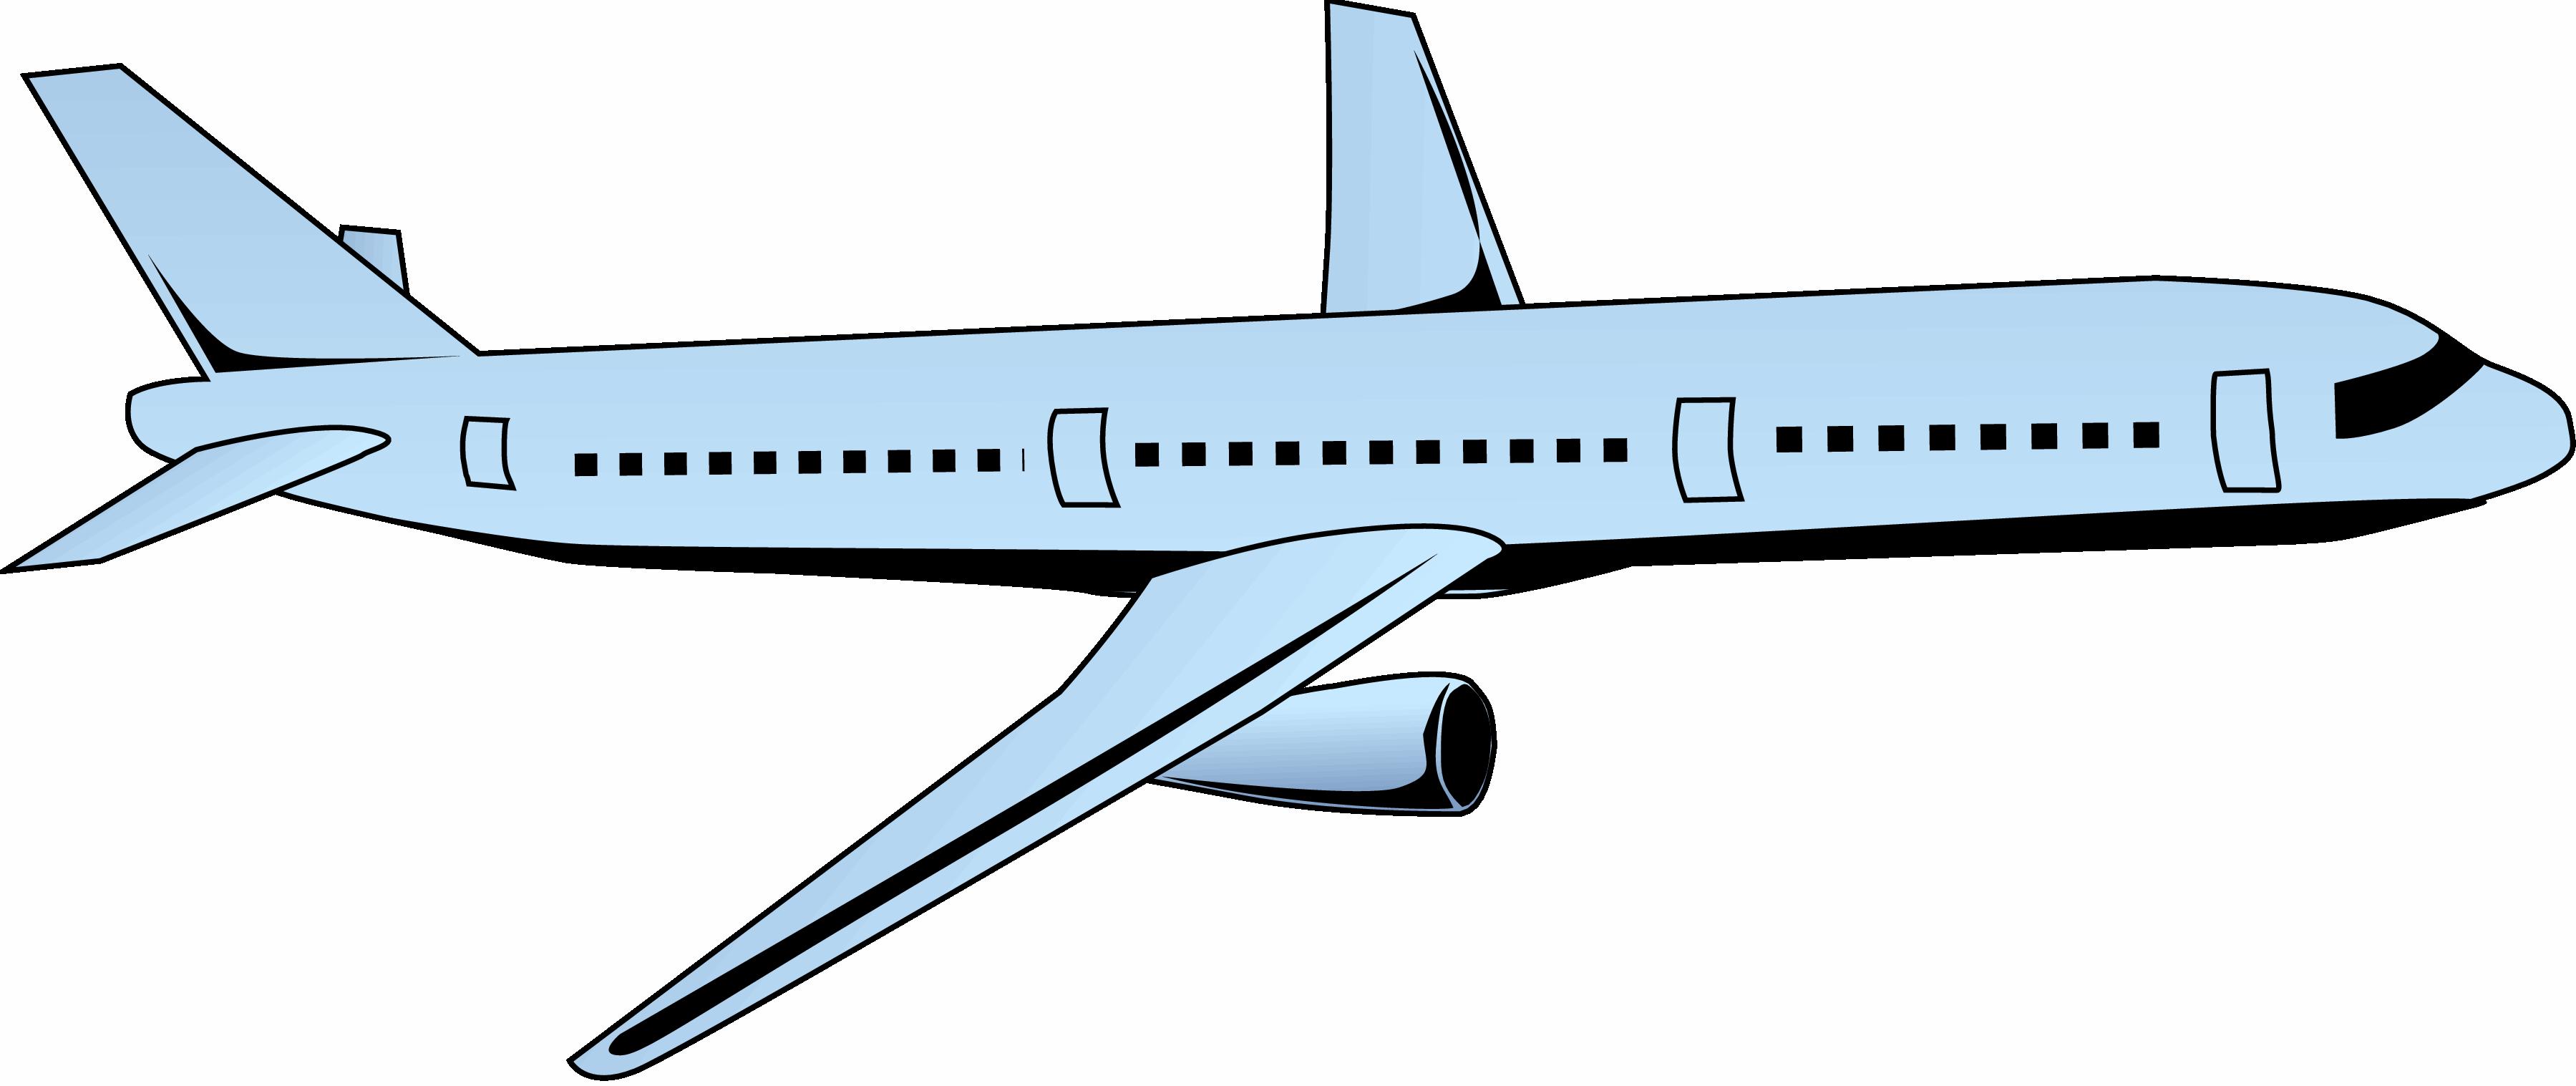 3599x1517 Cartoon Airplane Clip Art, Cartoon Airplane Png Clipart Best